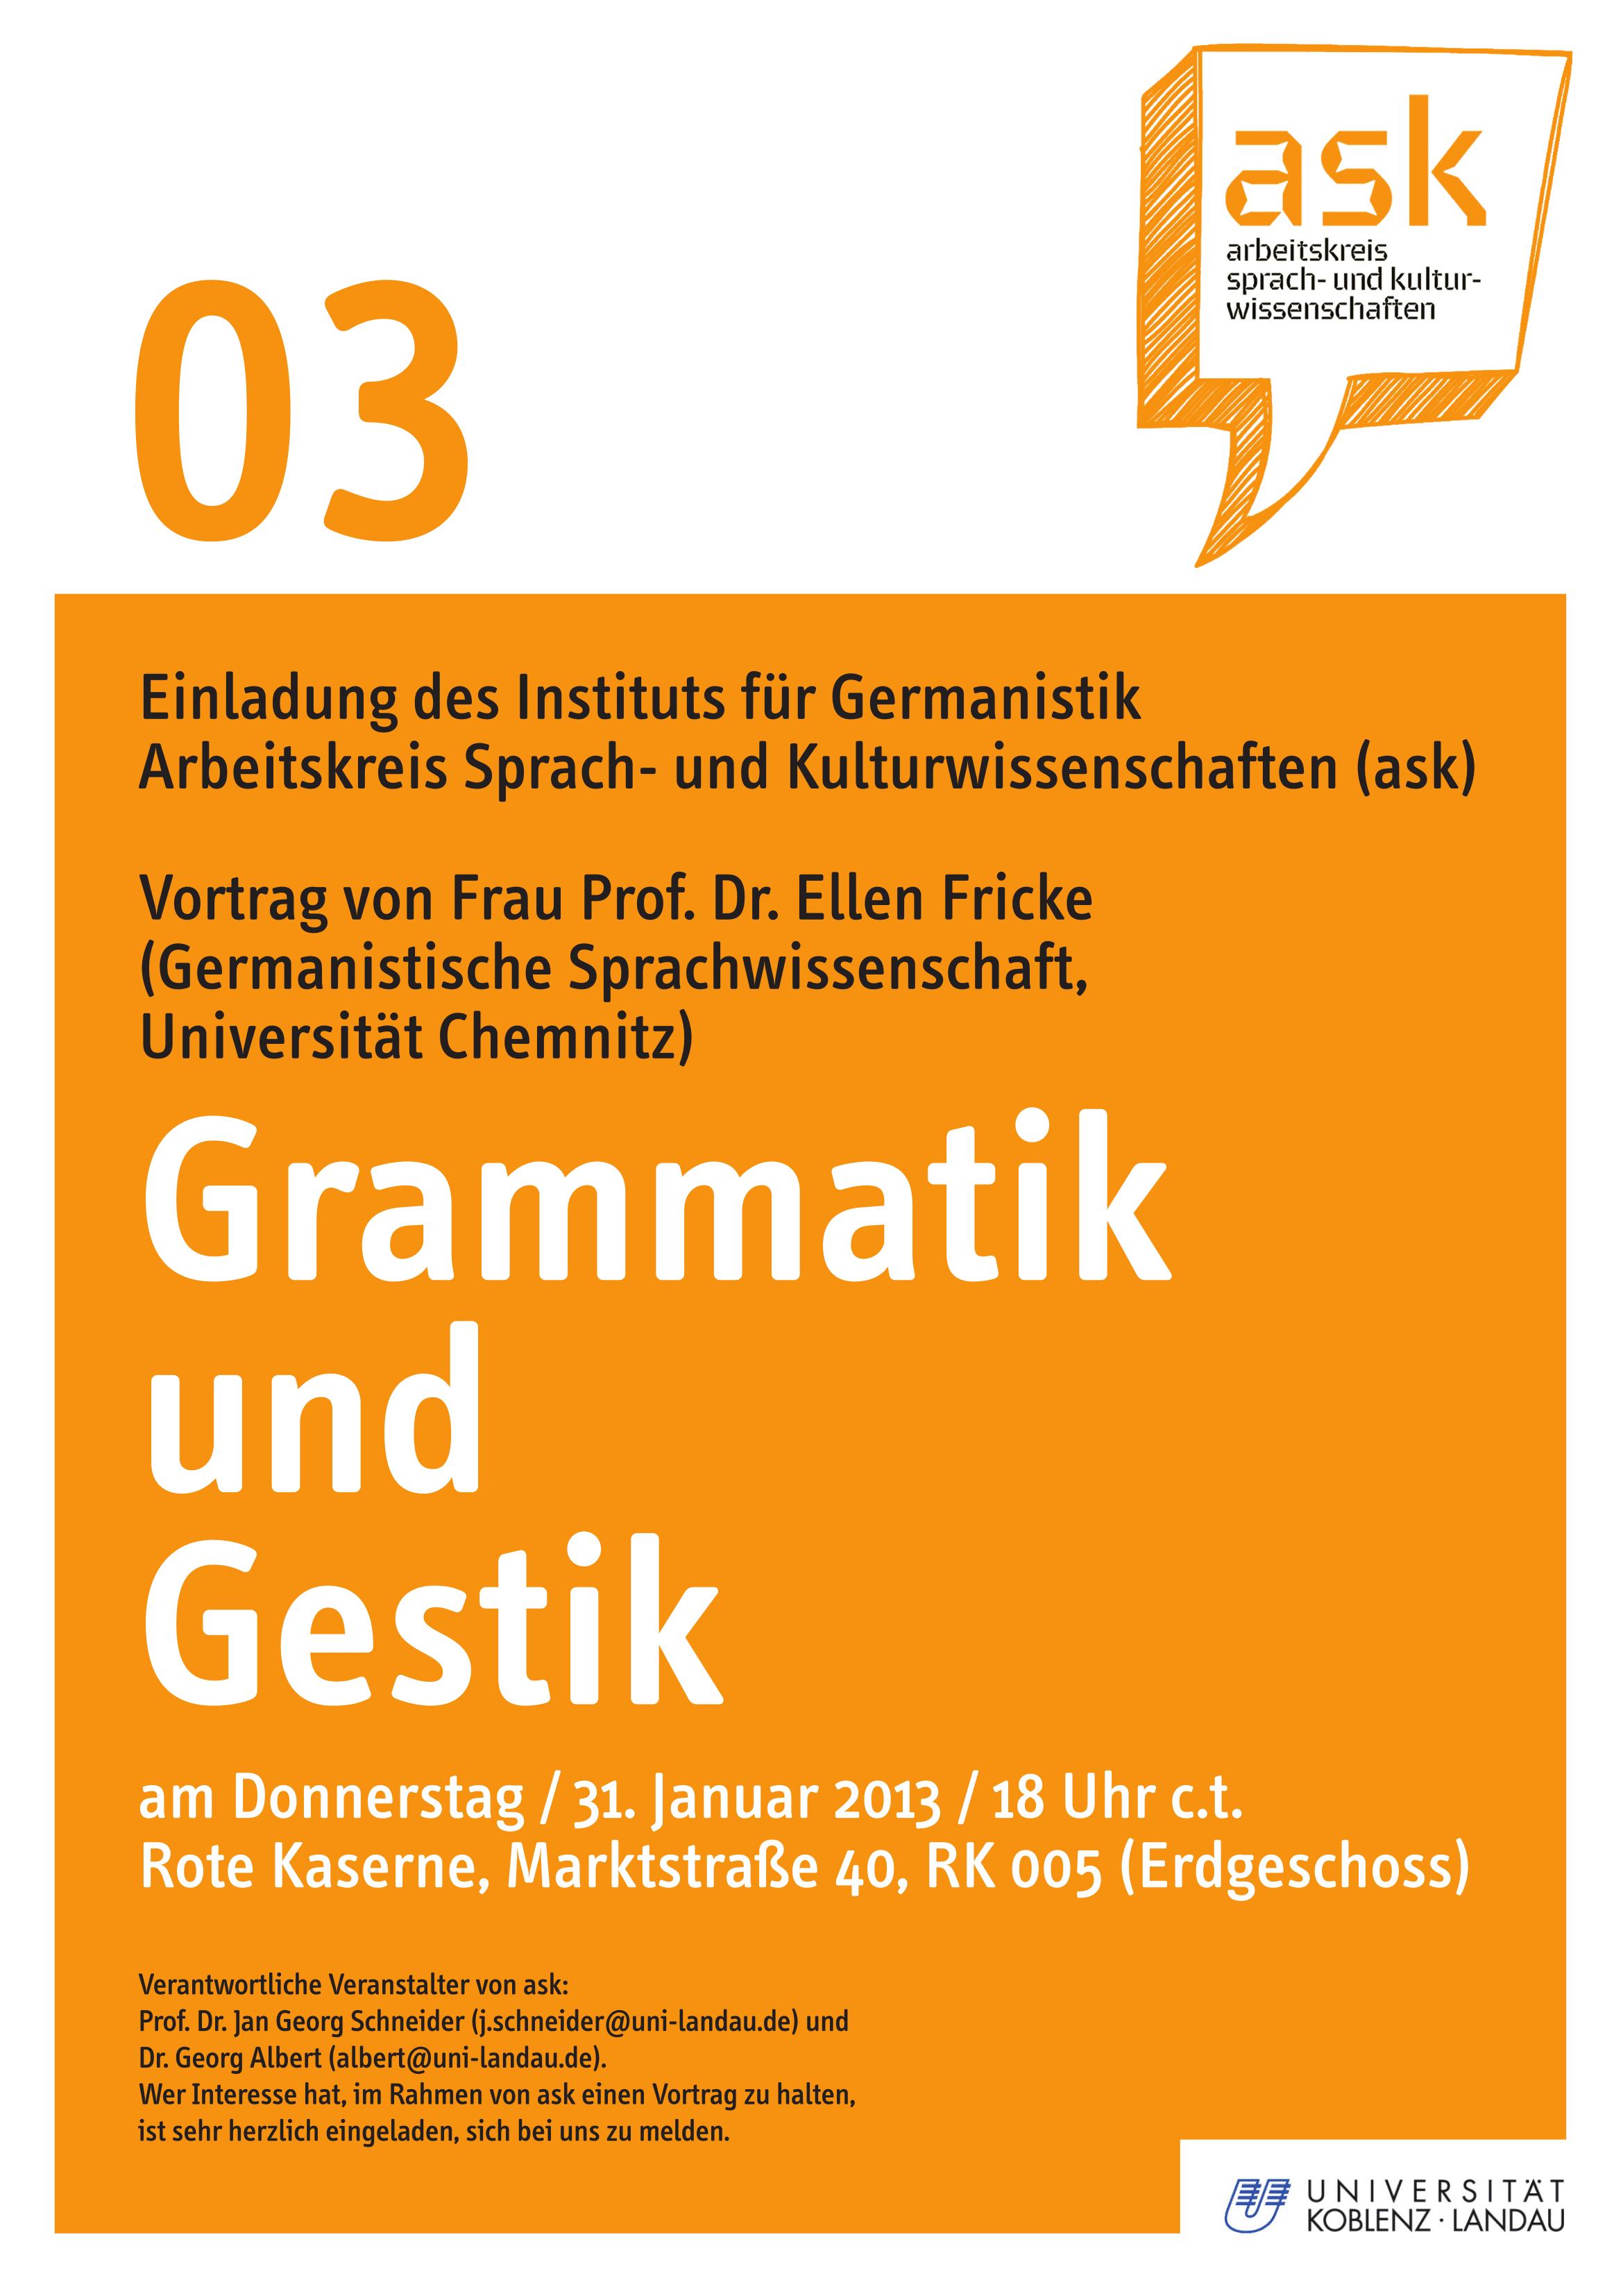 Ask-Vortrag: Prof. Dr. Ellen Fricke: Grammatik und Gestik